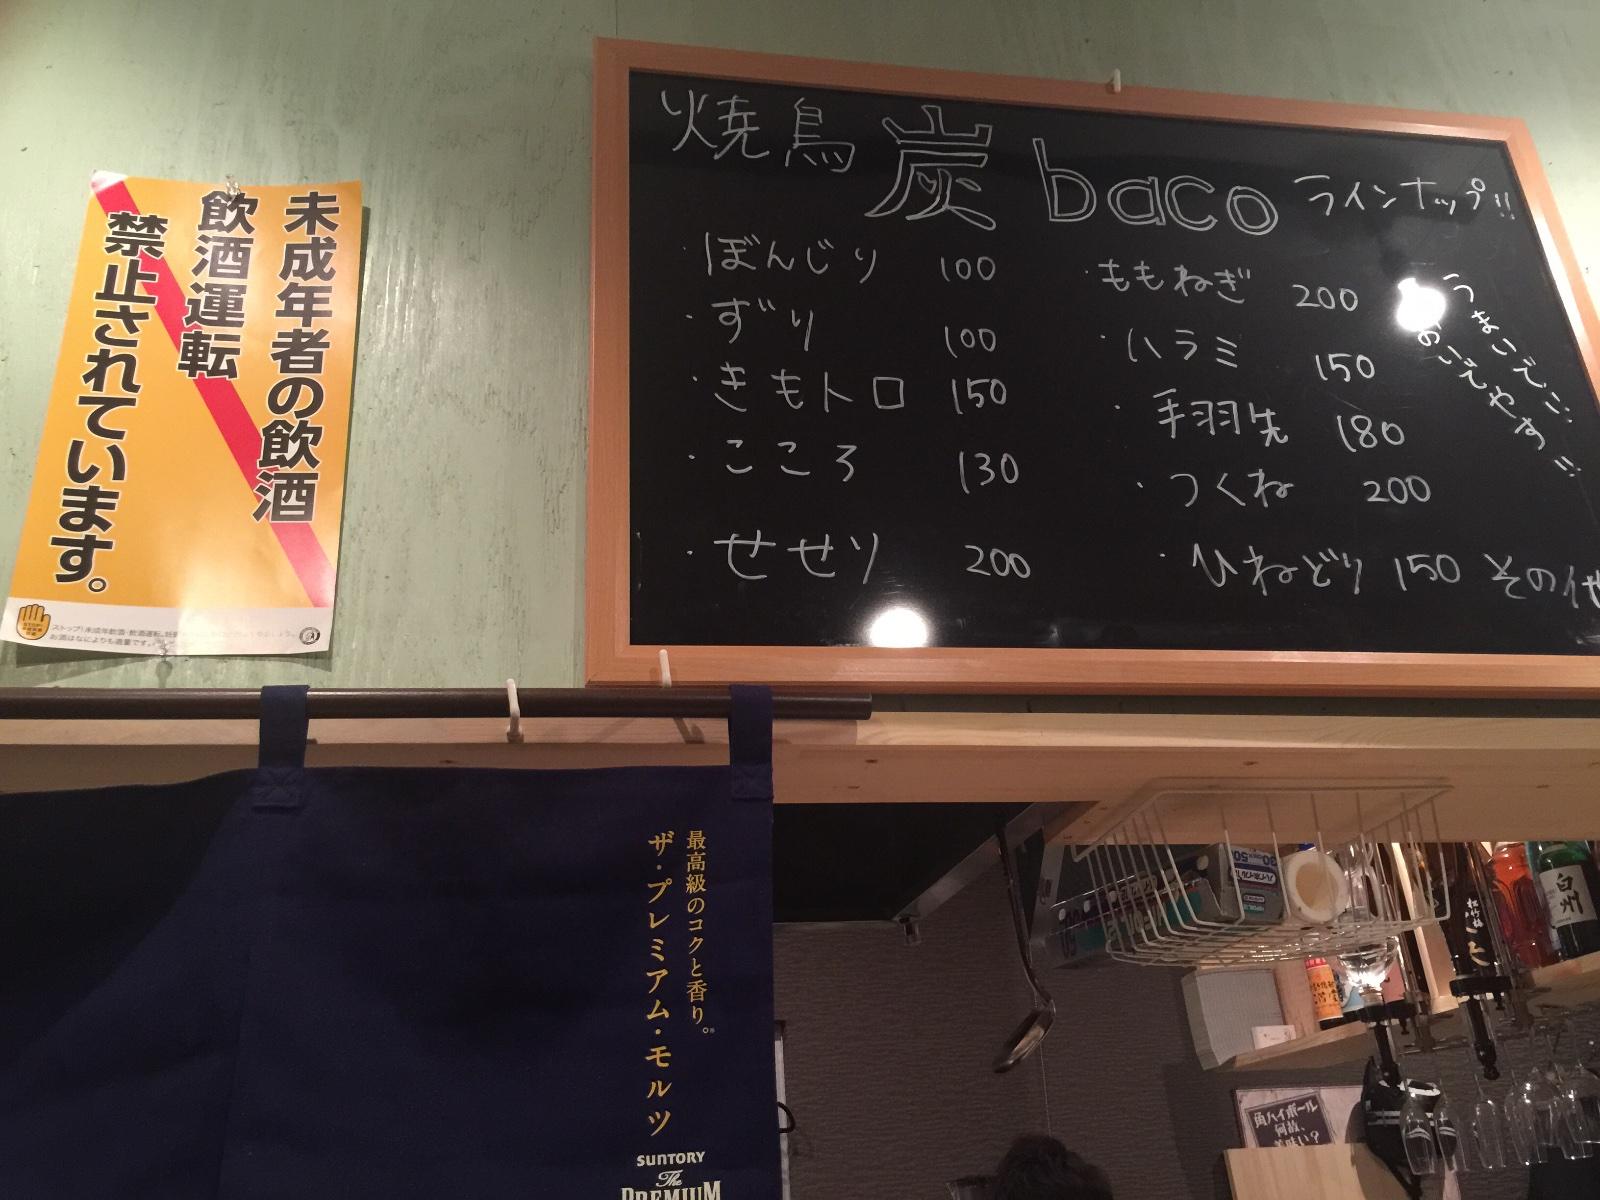 大阪新世界横丁bacoおすすめメニュー